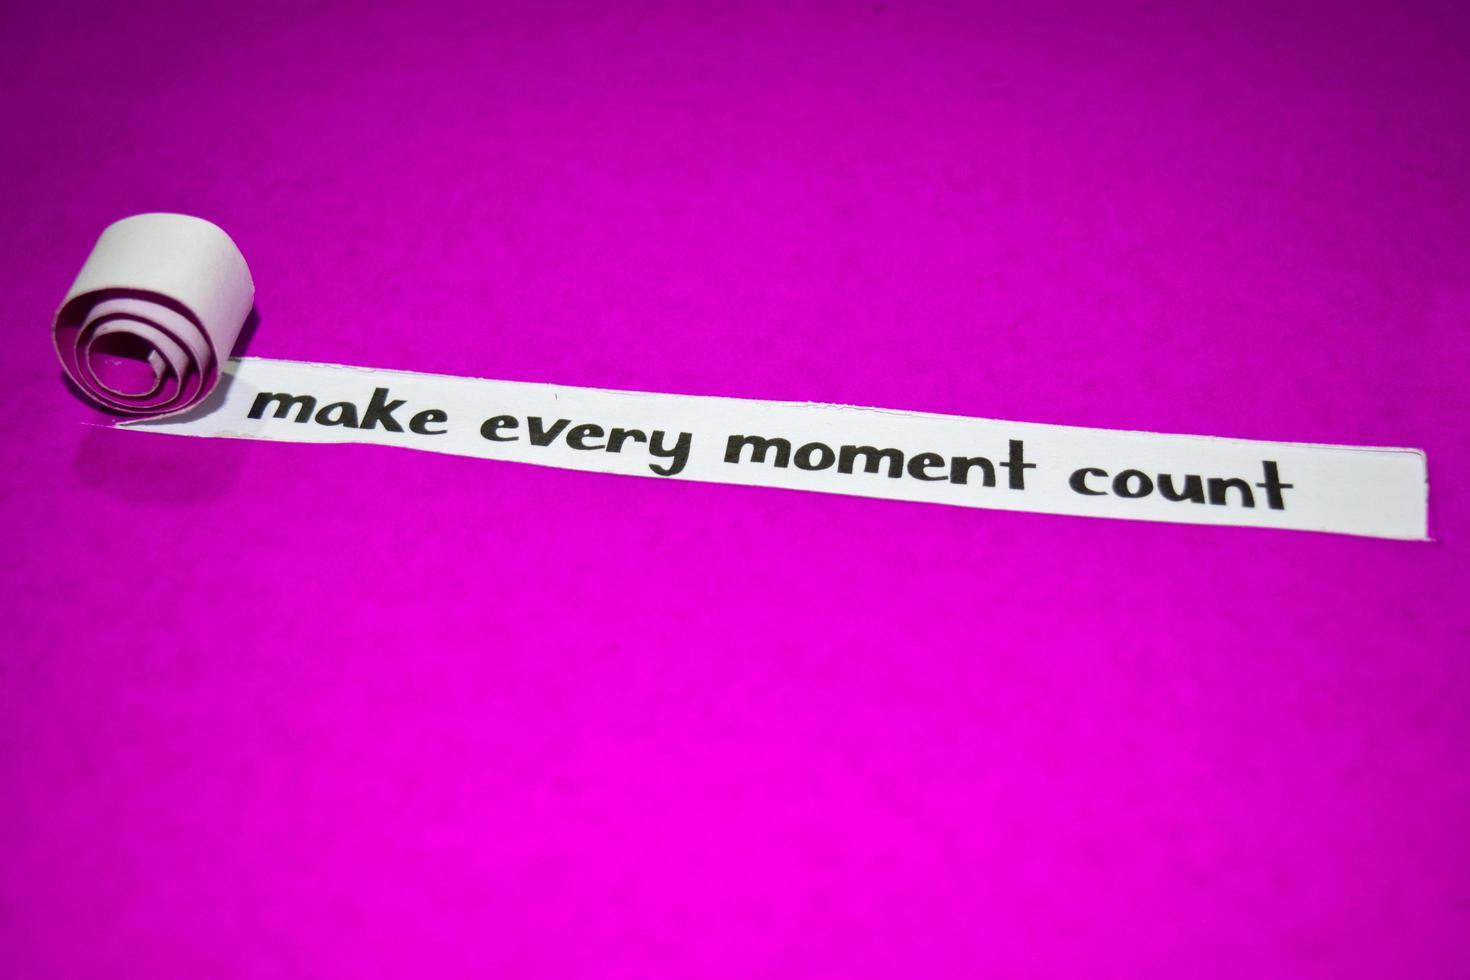 laat elk moment tellen tekst, inspiratie, motivatie en bedrijfsconcept op paars gescheurd papier foto